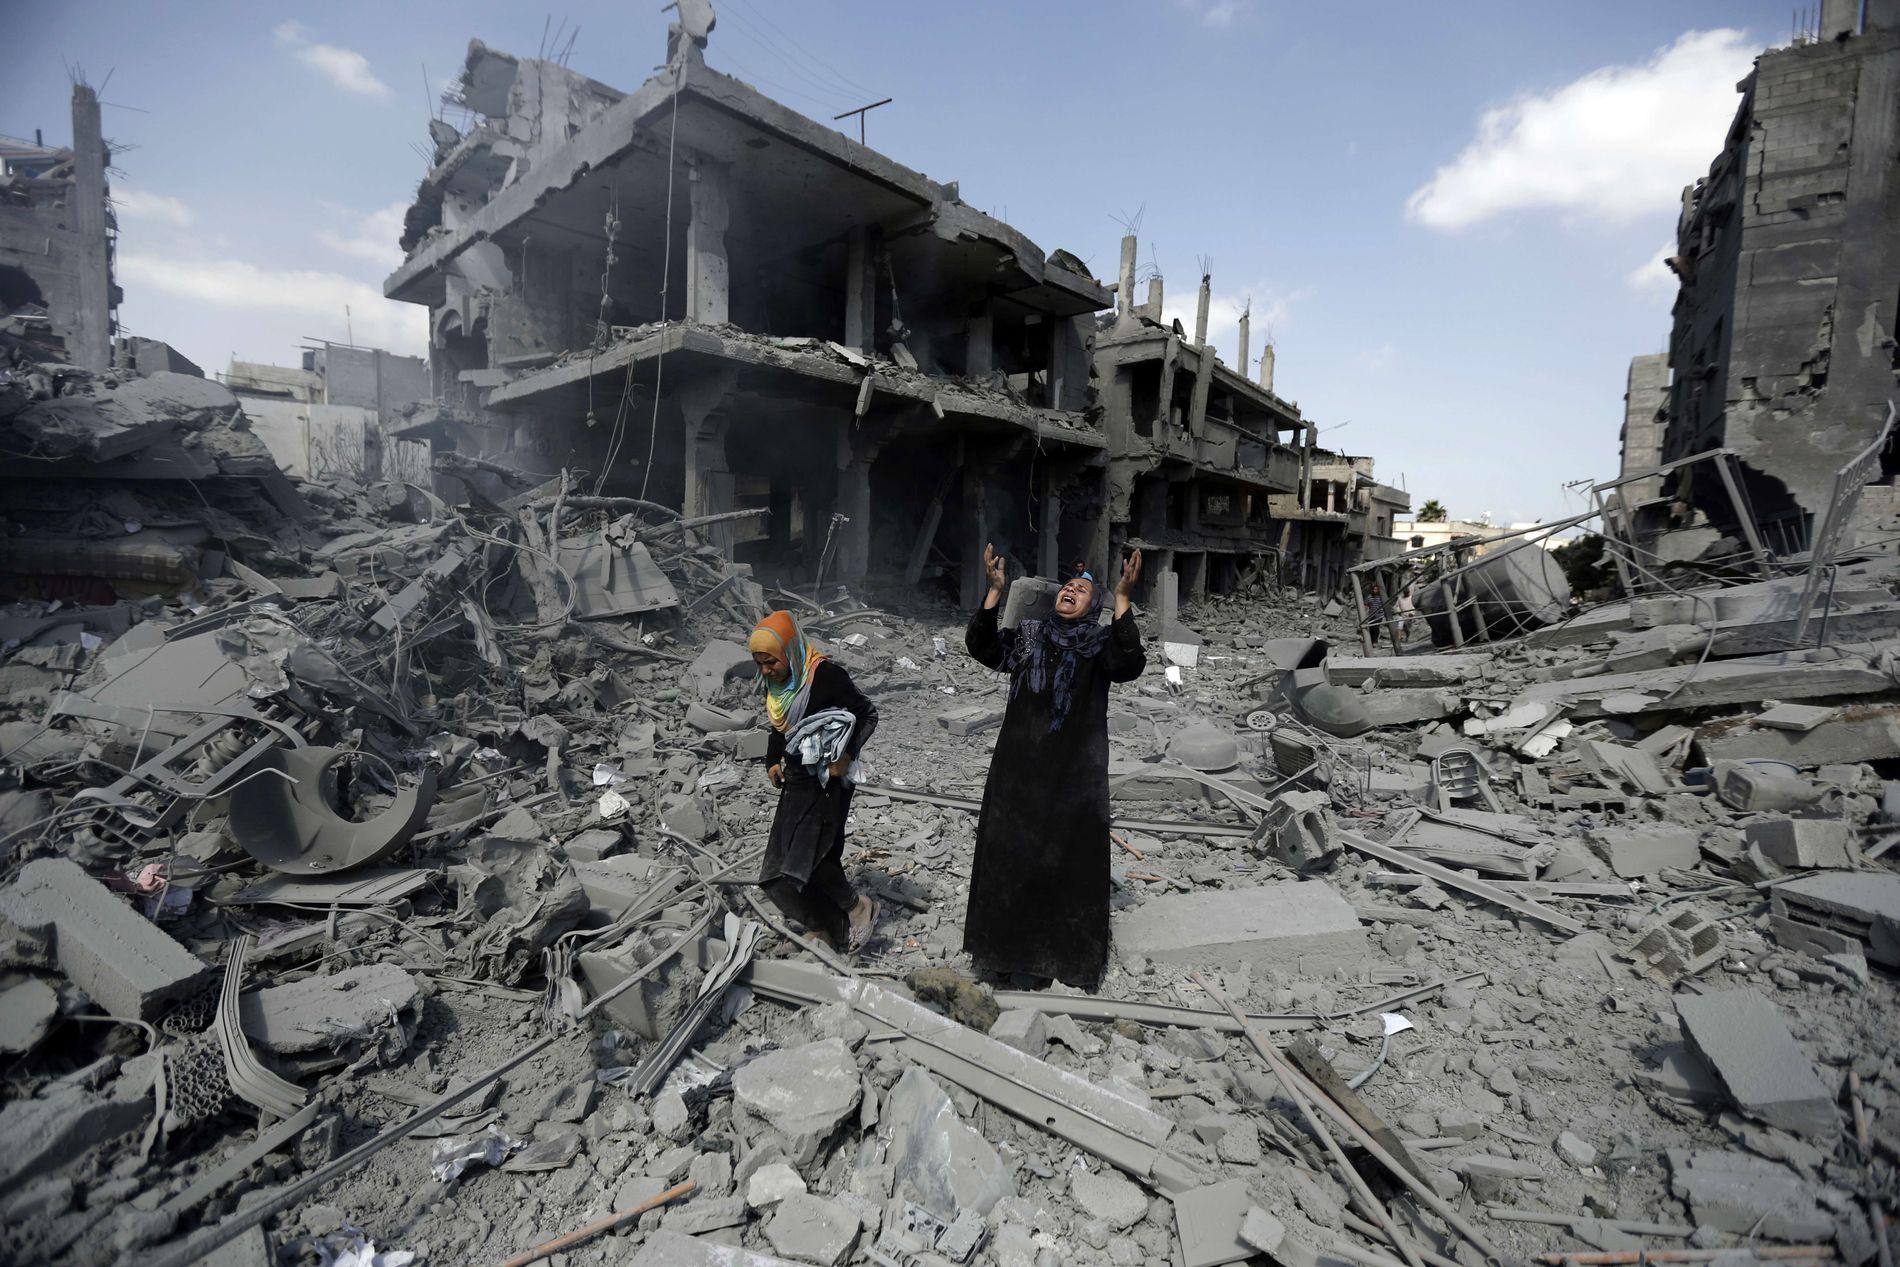 BISTAND: – Erfaringene med Oslo-avtalen og det norske fredsdiplomatiet har lært oss at det er de store landene og blokkene som bestemmer, skriver kronikkforfatterne. Bildet: To kvinner sørger i ruinene i Gaza etter Israels bombing av Gaza-stripen sommeren 2014.